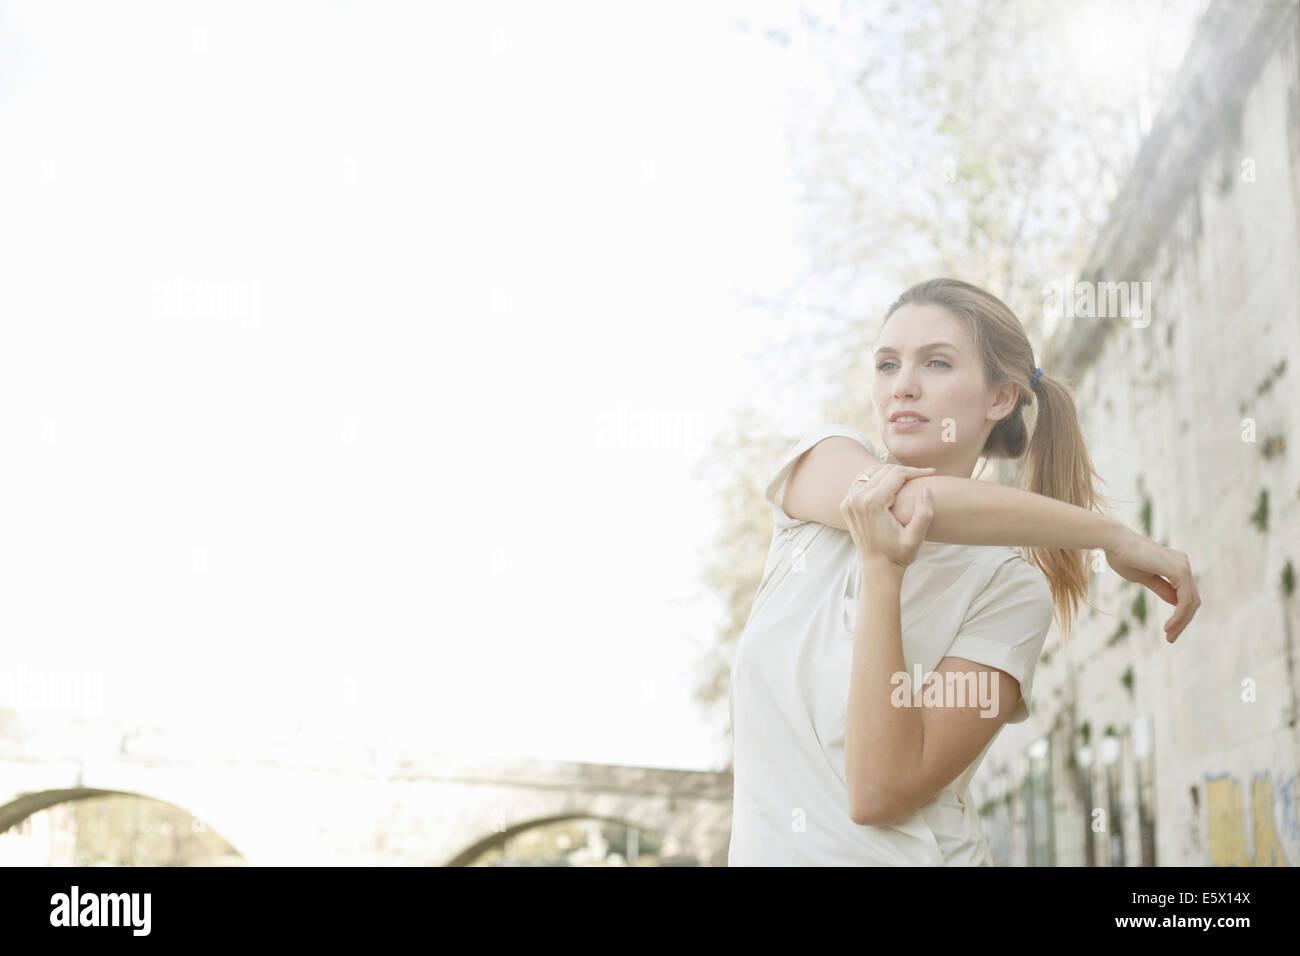 Giovane donna stretching braccio prima di esercizio Immagini Stock